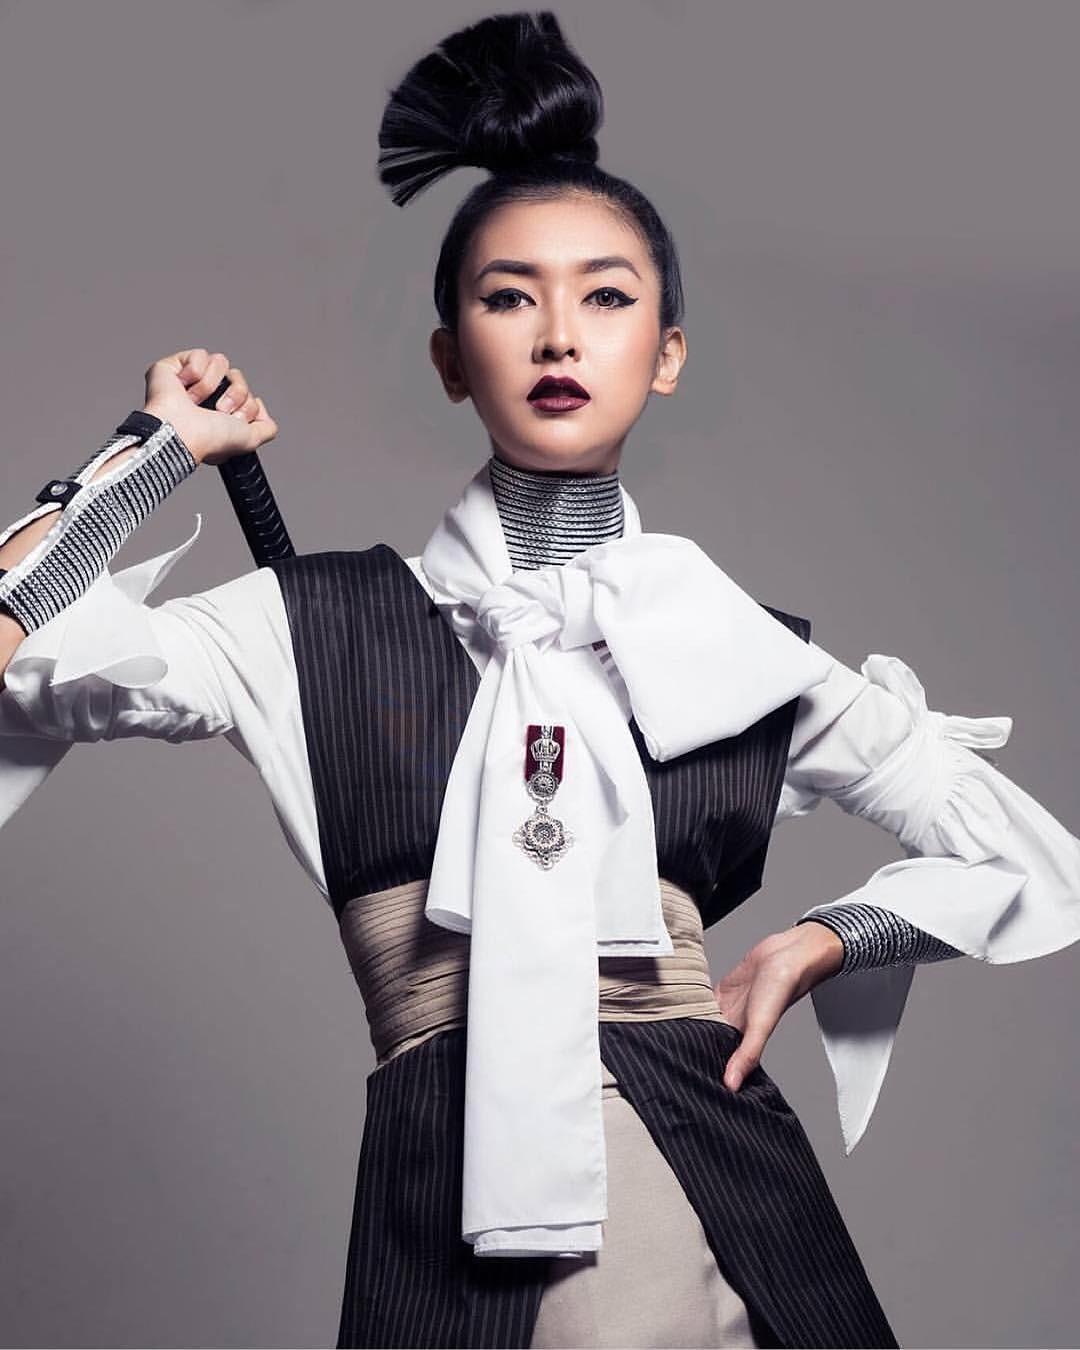 Nhan sắc xinh đẹp của đại diện Indonesia, cô gái đánh bại hơn 70 đối thủ đăng quang Miss International 2017 - Ảnh 13.